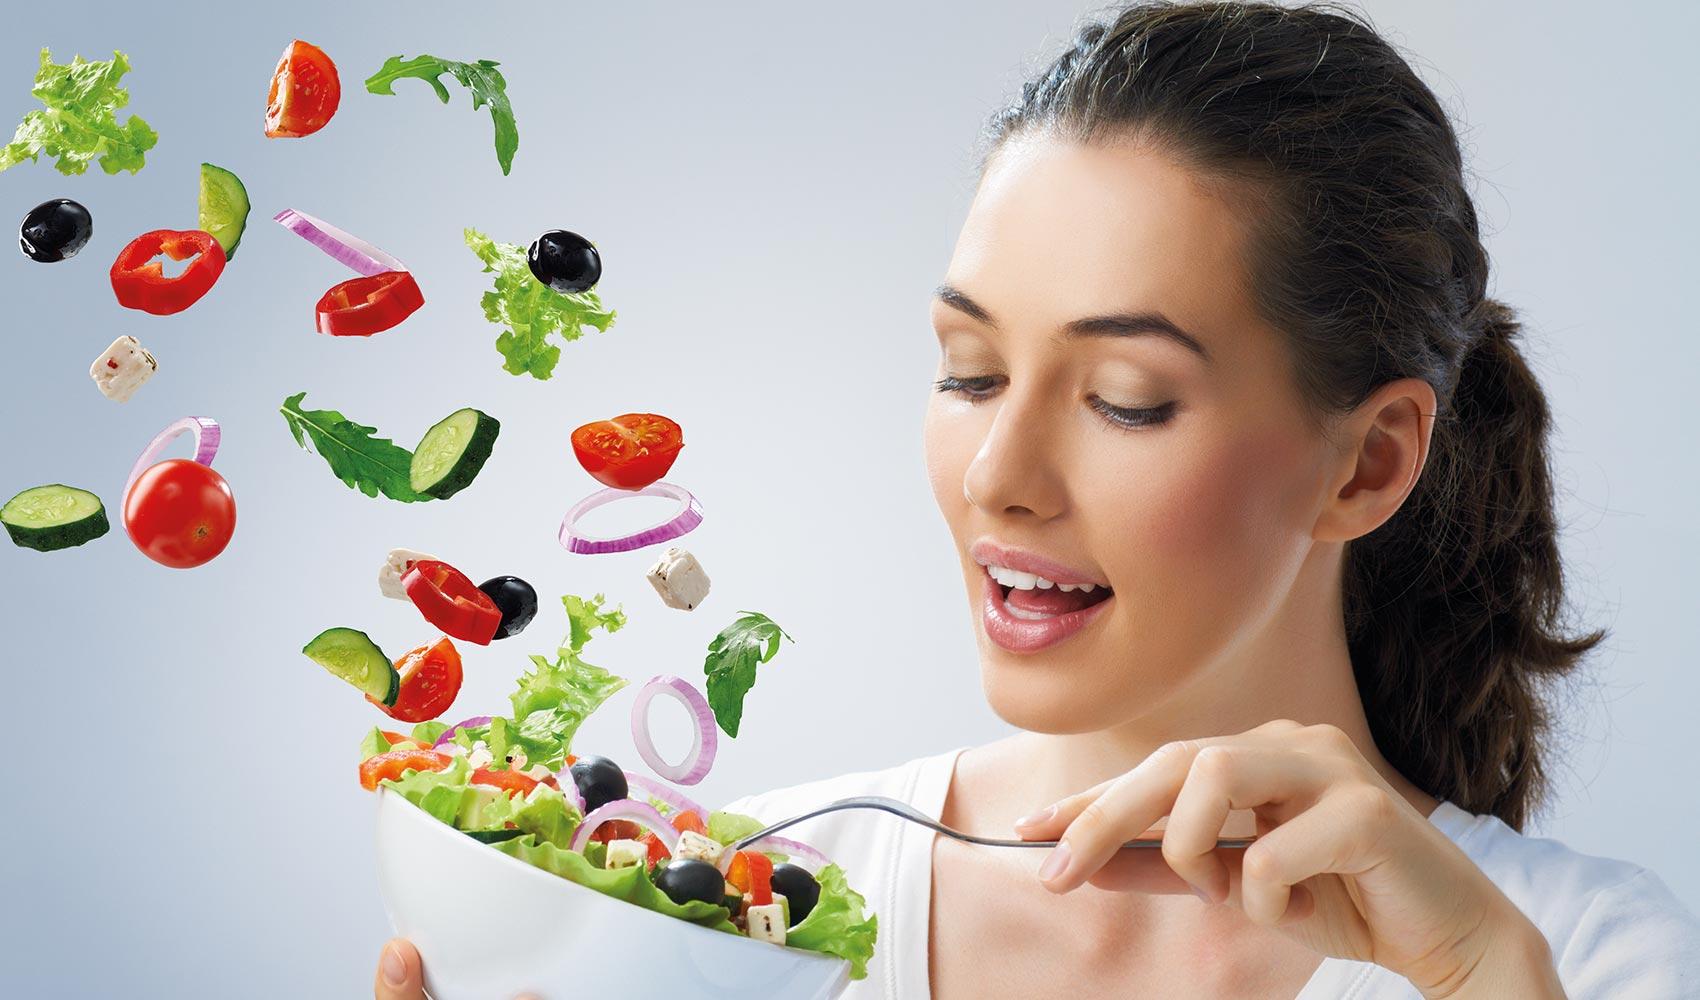 ТОП-10 продуктов для укрепления иммунитета осенью